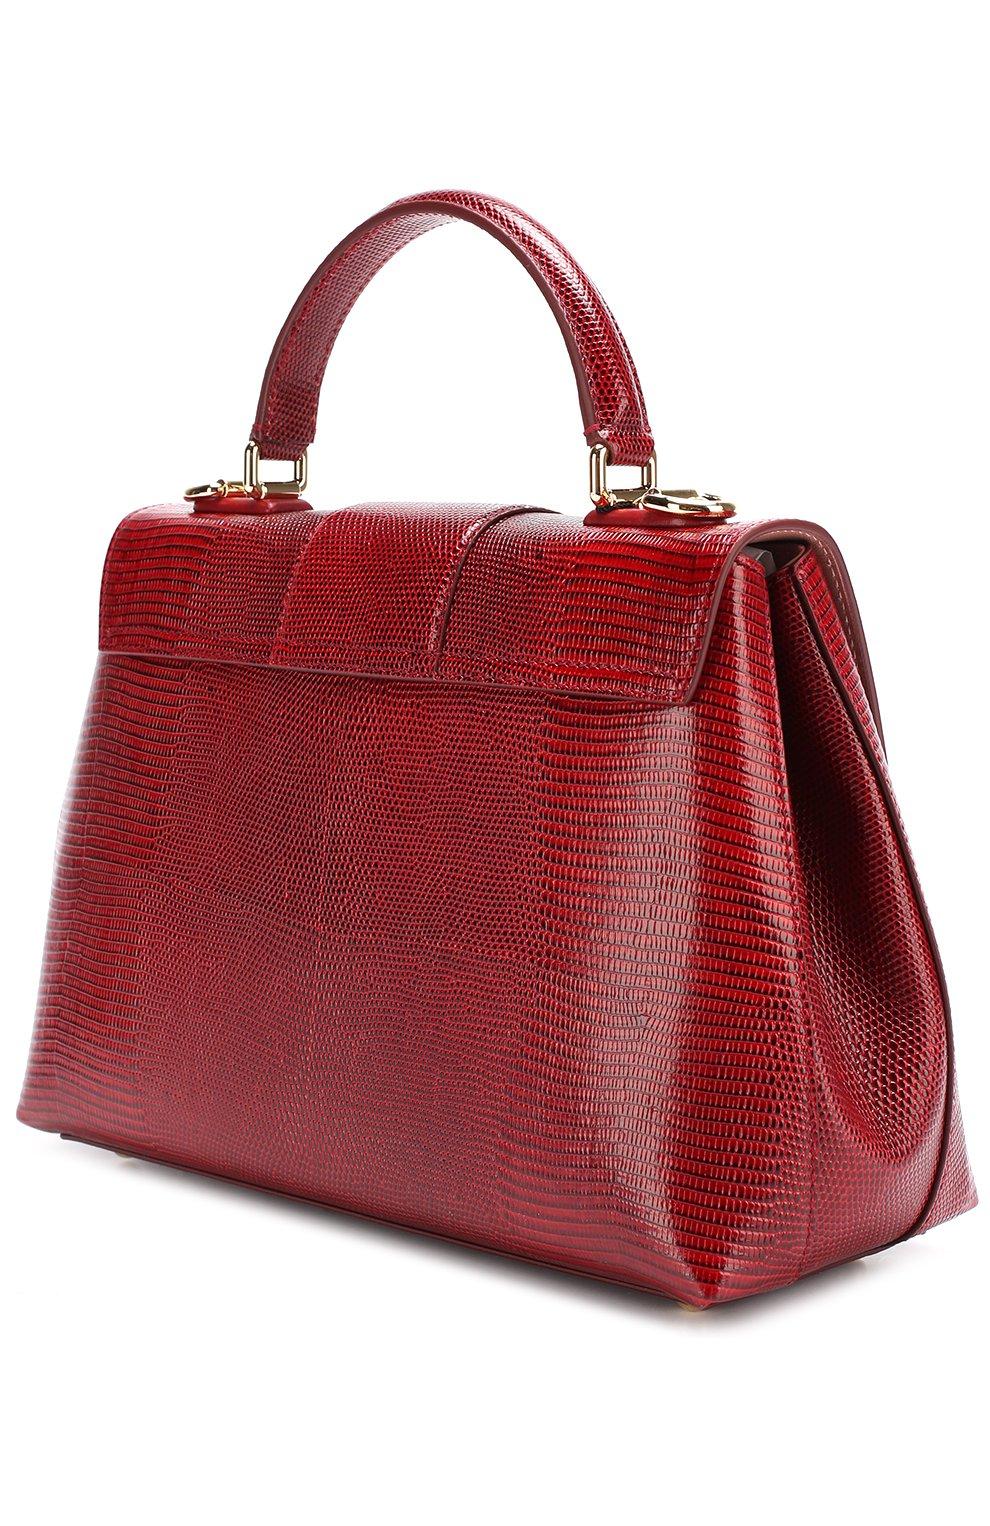 Сумка Lucia из тисненой кожи Dolce & Gabbana бордовая цвета | Фото №3